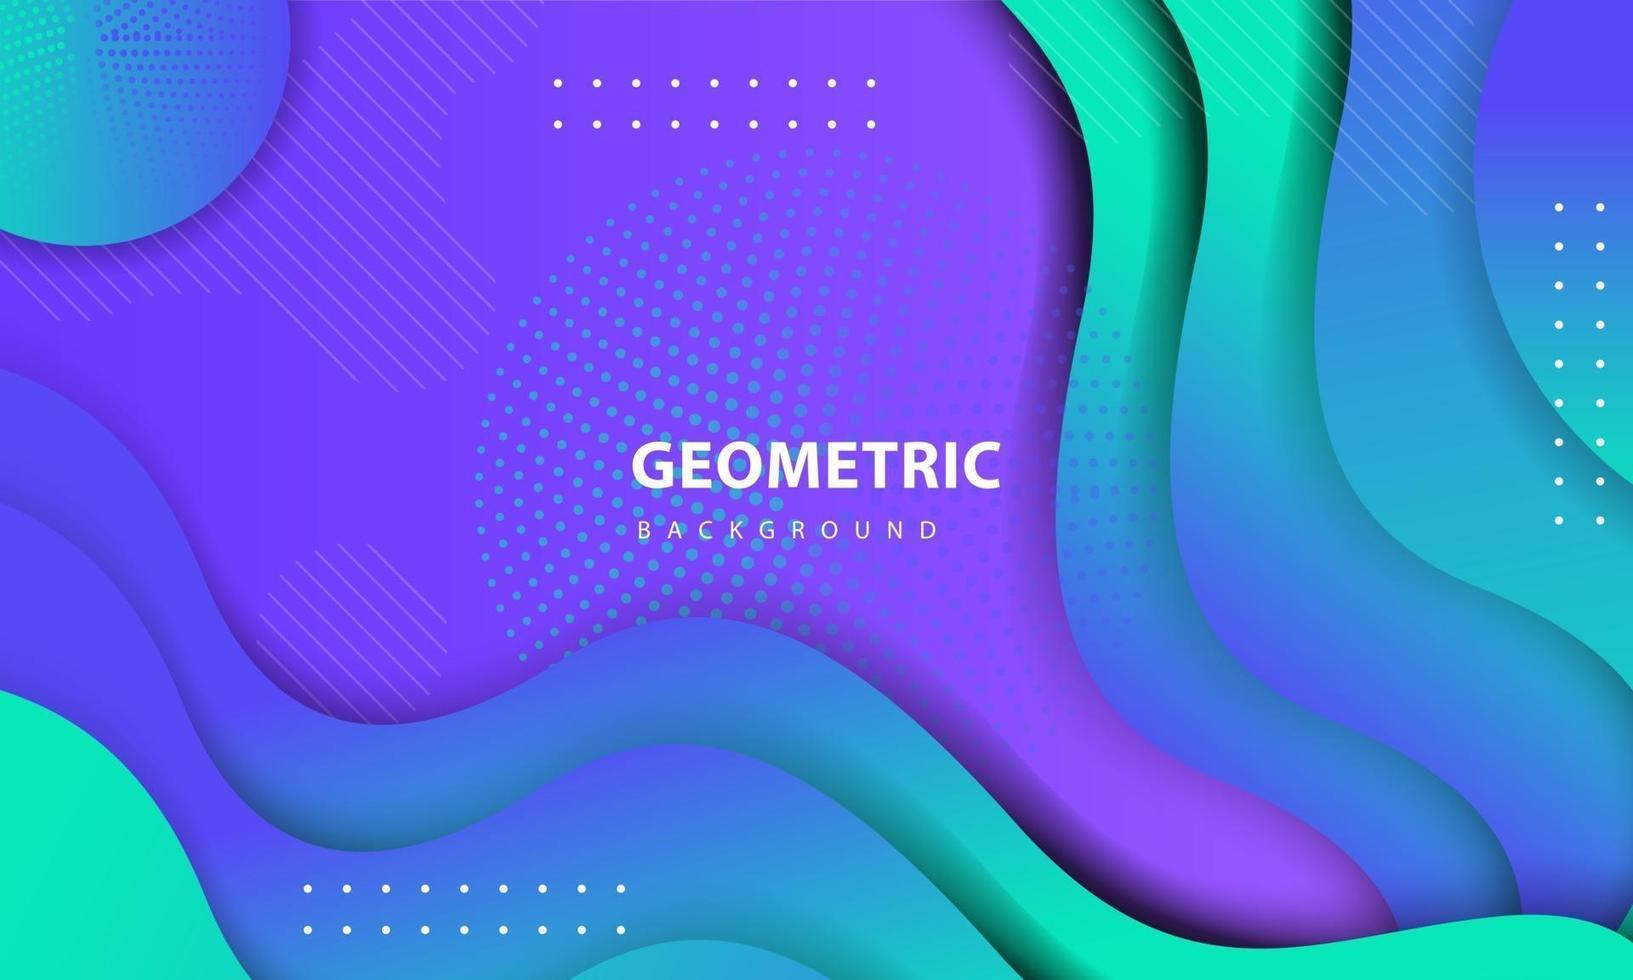 abstrakter bunter Hintergrund. strukturiertes geometrisches Elementdesign mit Punktdekoration. Entwurfsvorlage für Landing Page, Banner, Poster, Cover usw. vektor